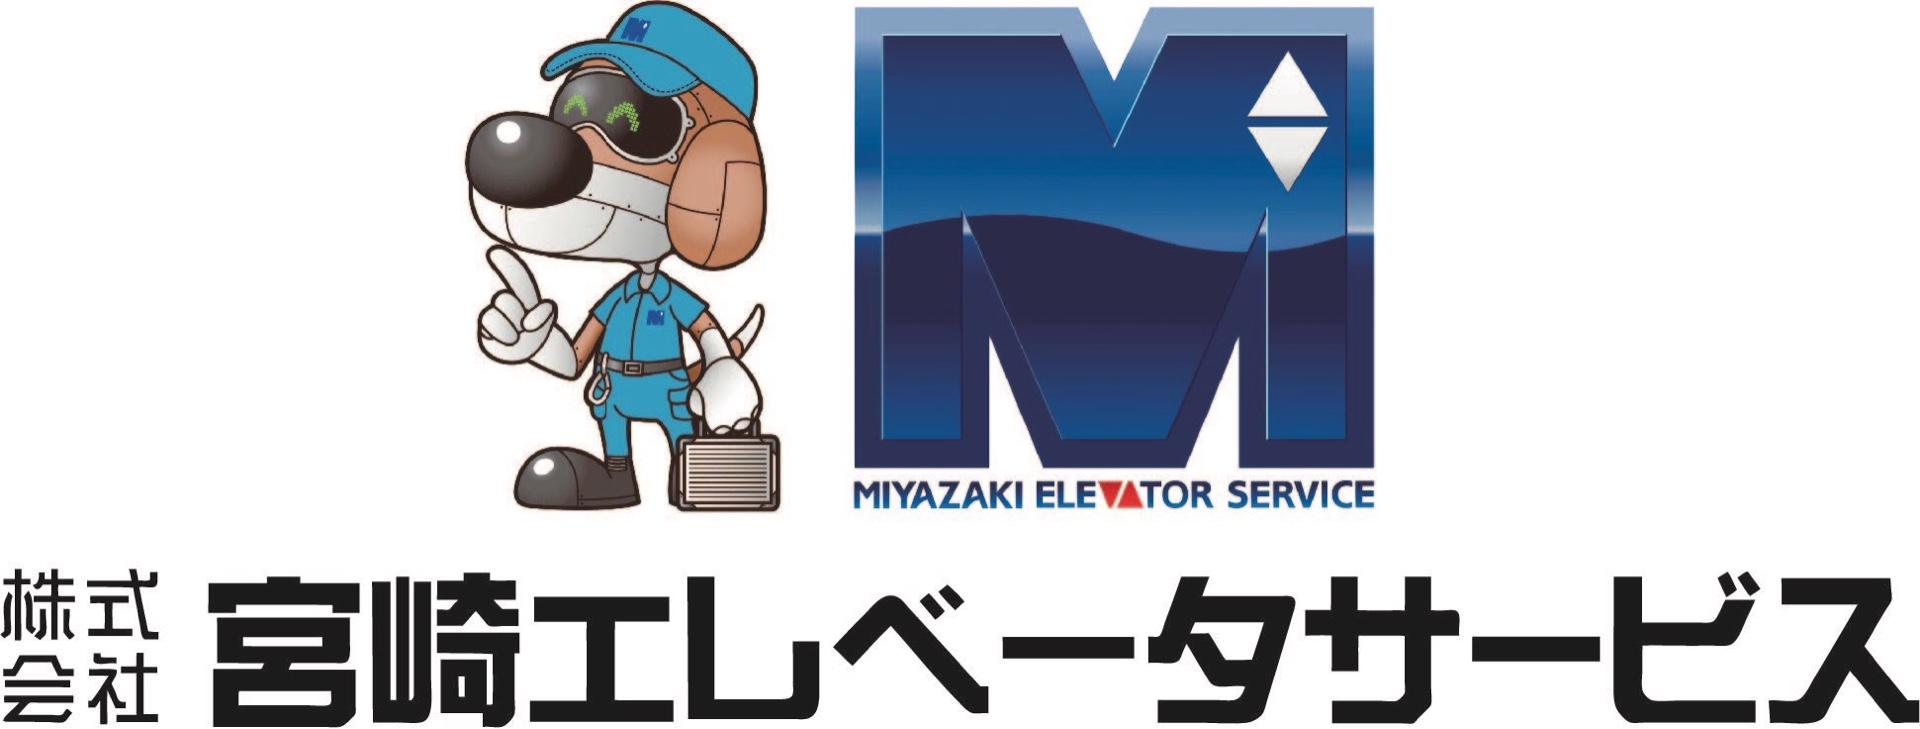 株式会社宮崎エレベータサービス